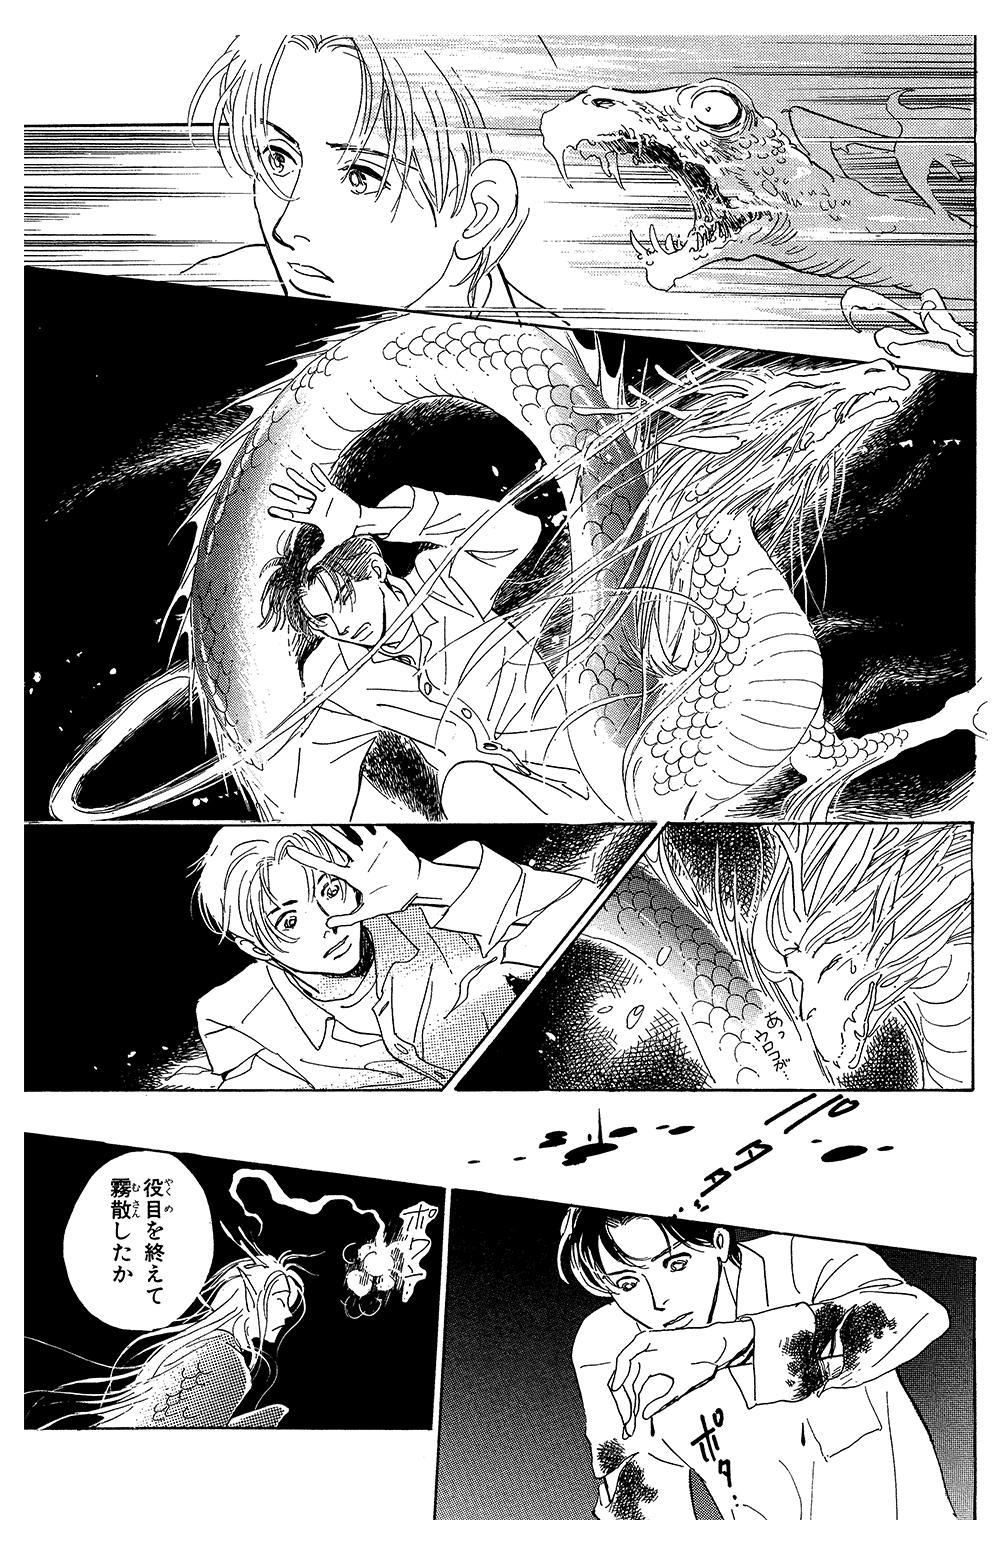 百鬼夜行抄 第1話「闇からの呼び声」④hyakki1-4-6.jpg